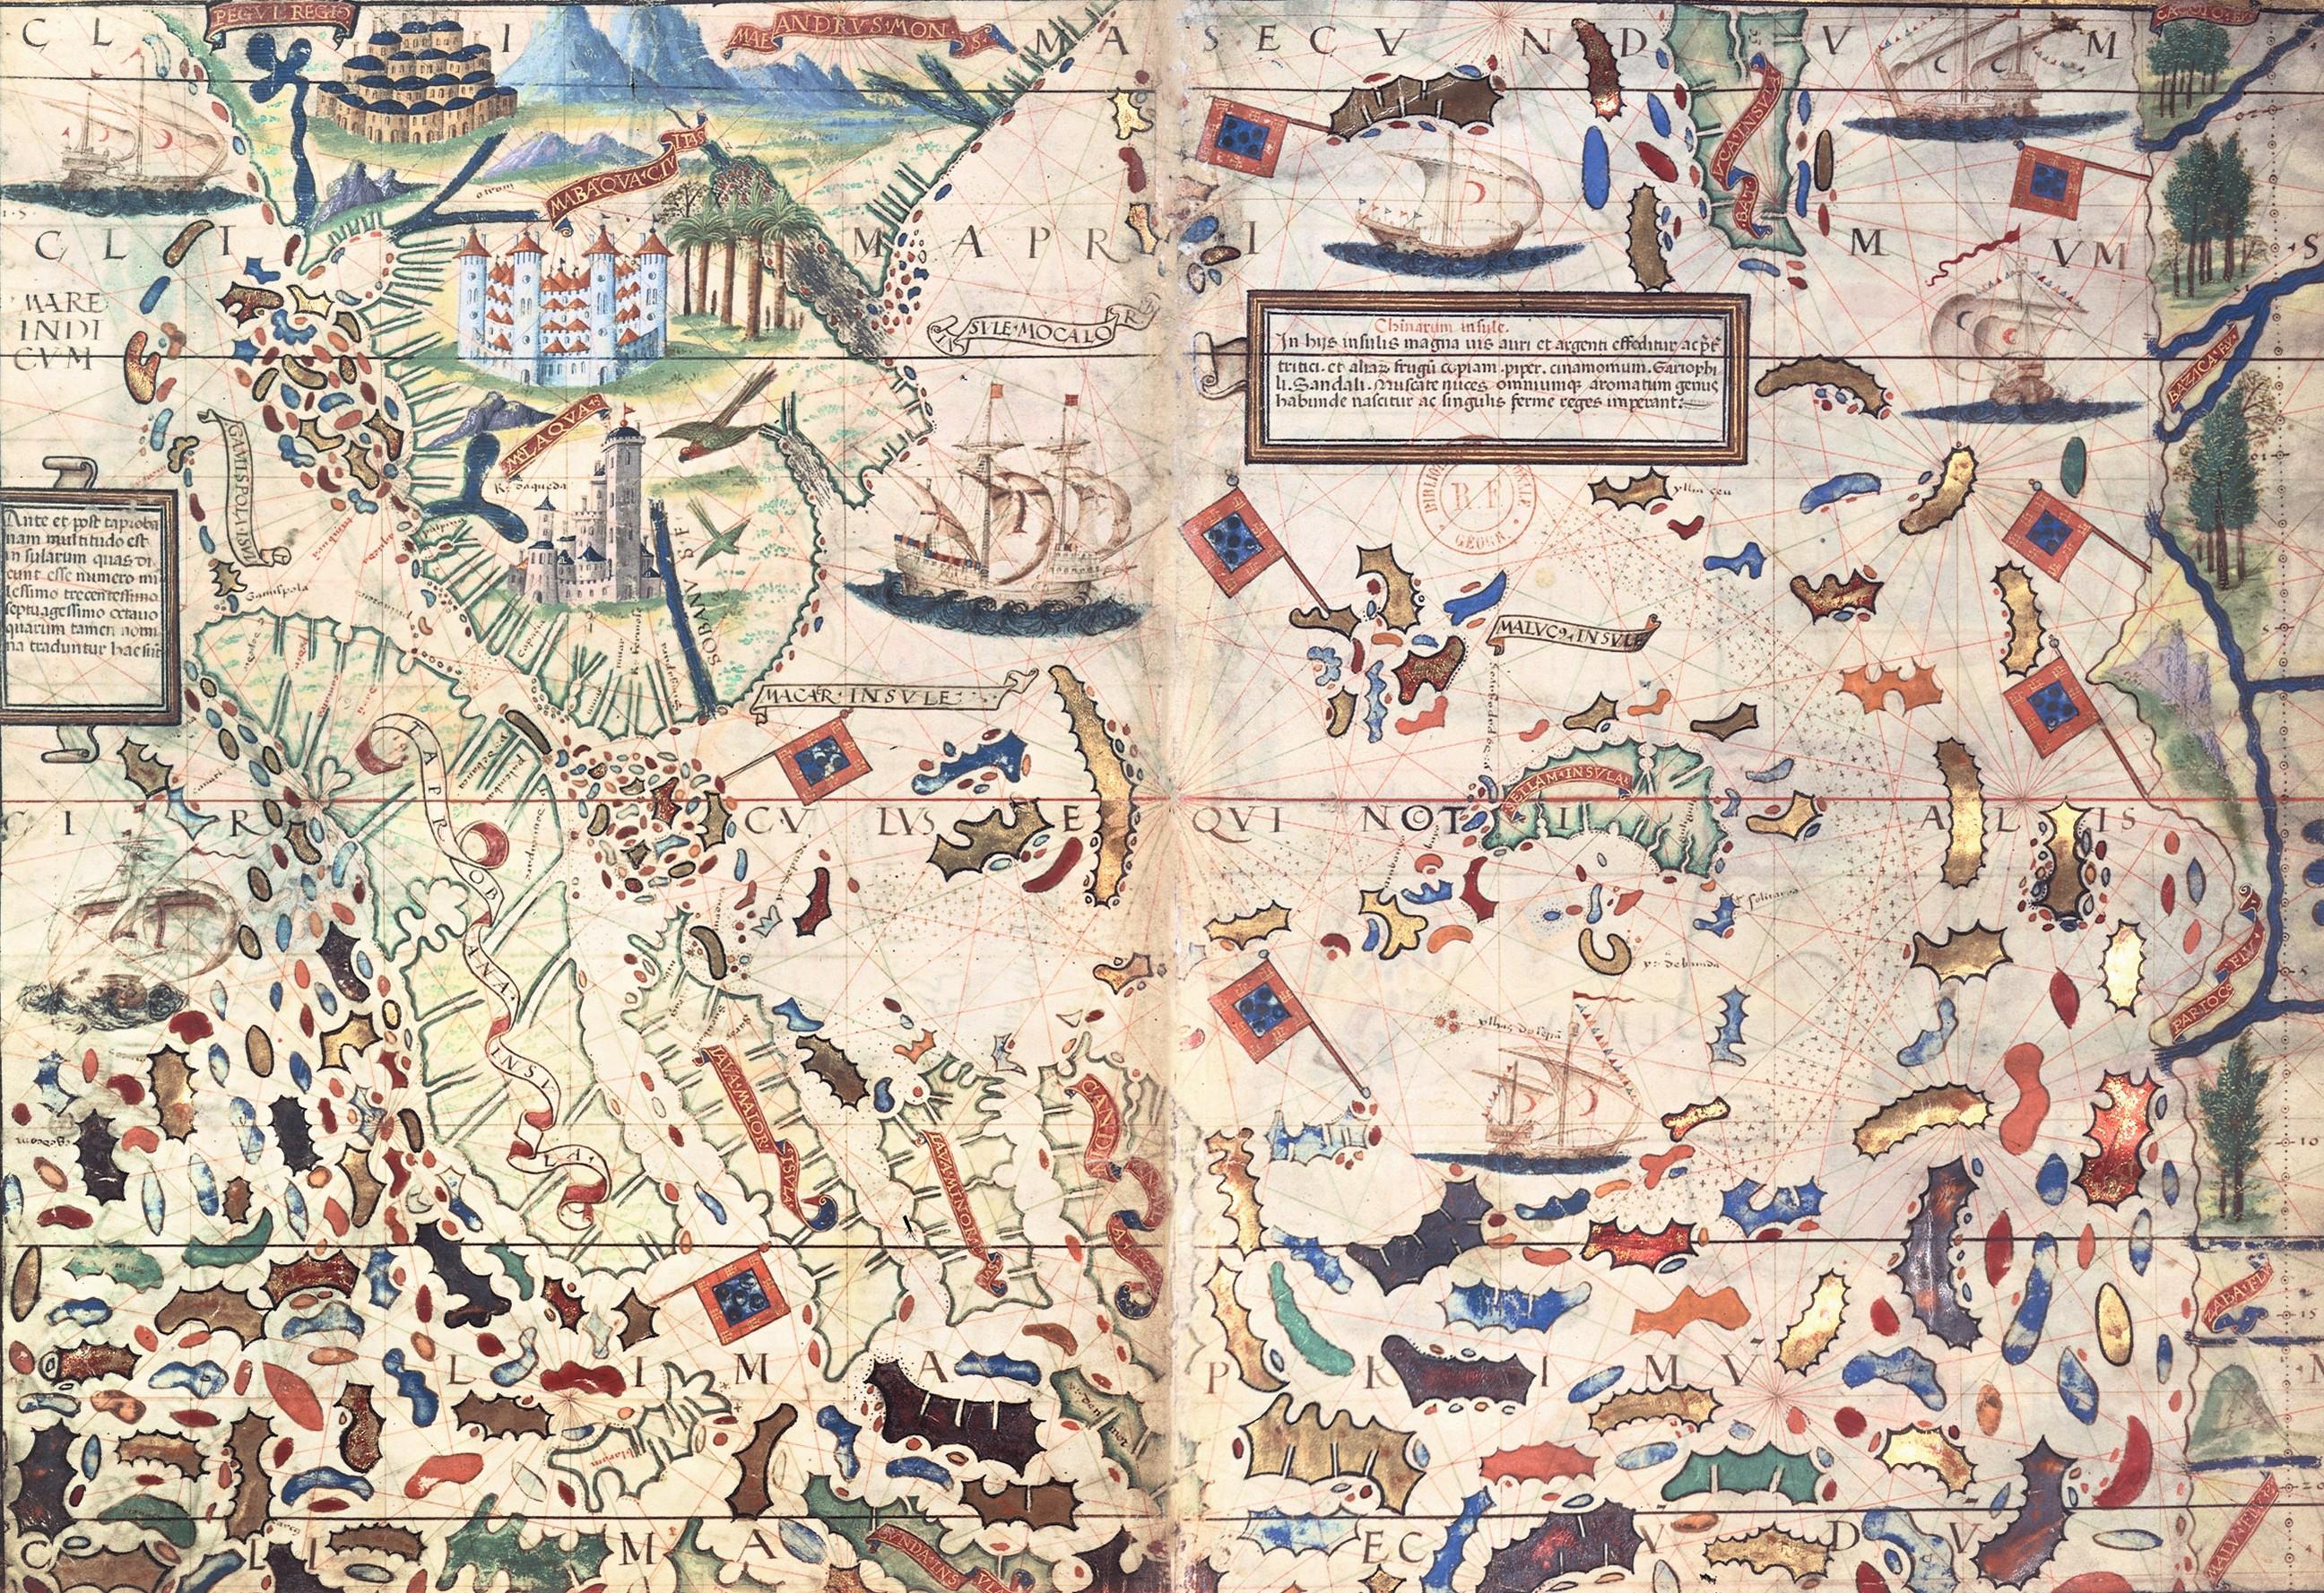 Carte de l'océan Indien et des « îles à épices », Atlas Miller, 1519, BnF, Paris